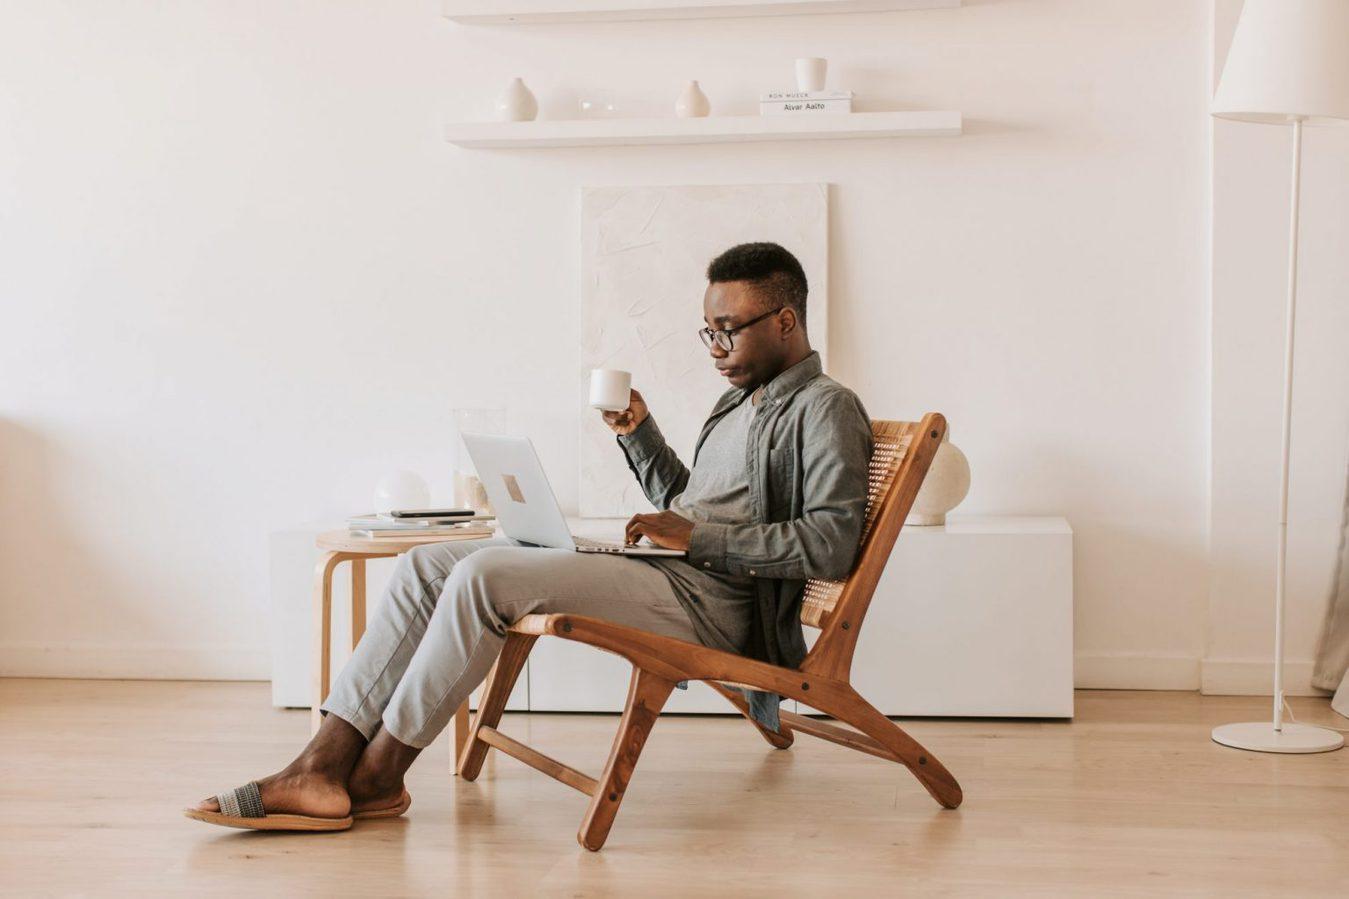 Uomo seduto su una poltrona che guarda il laptop